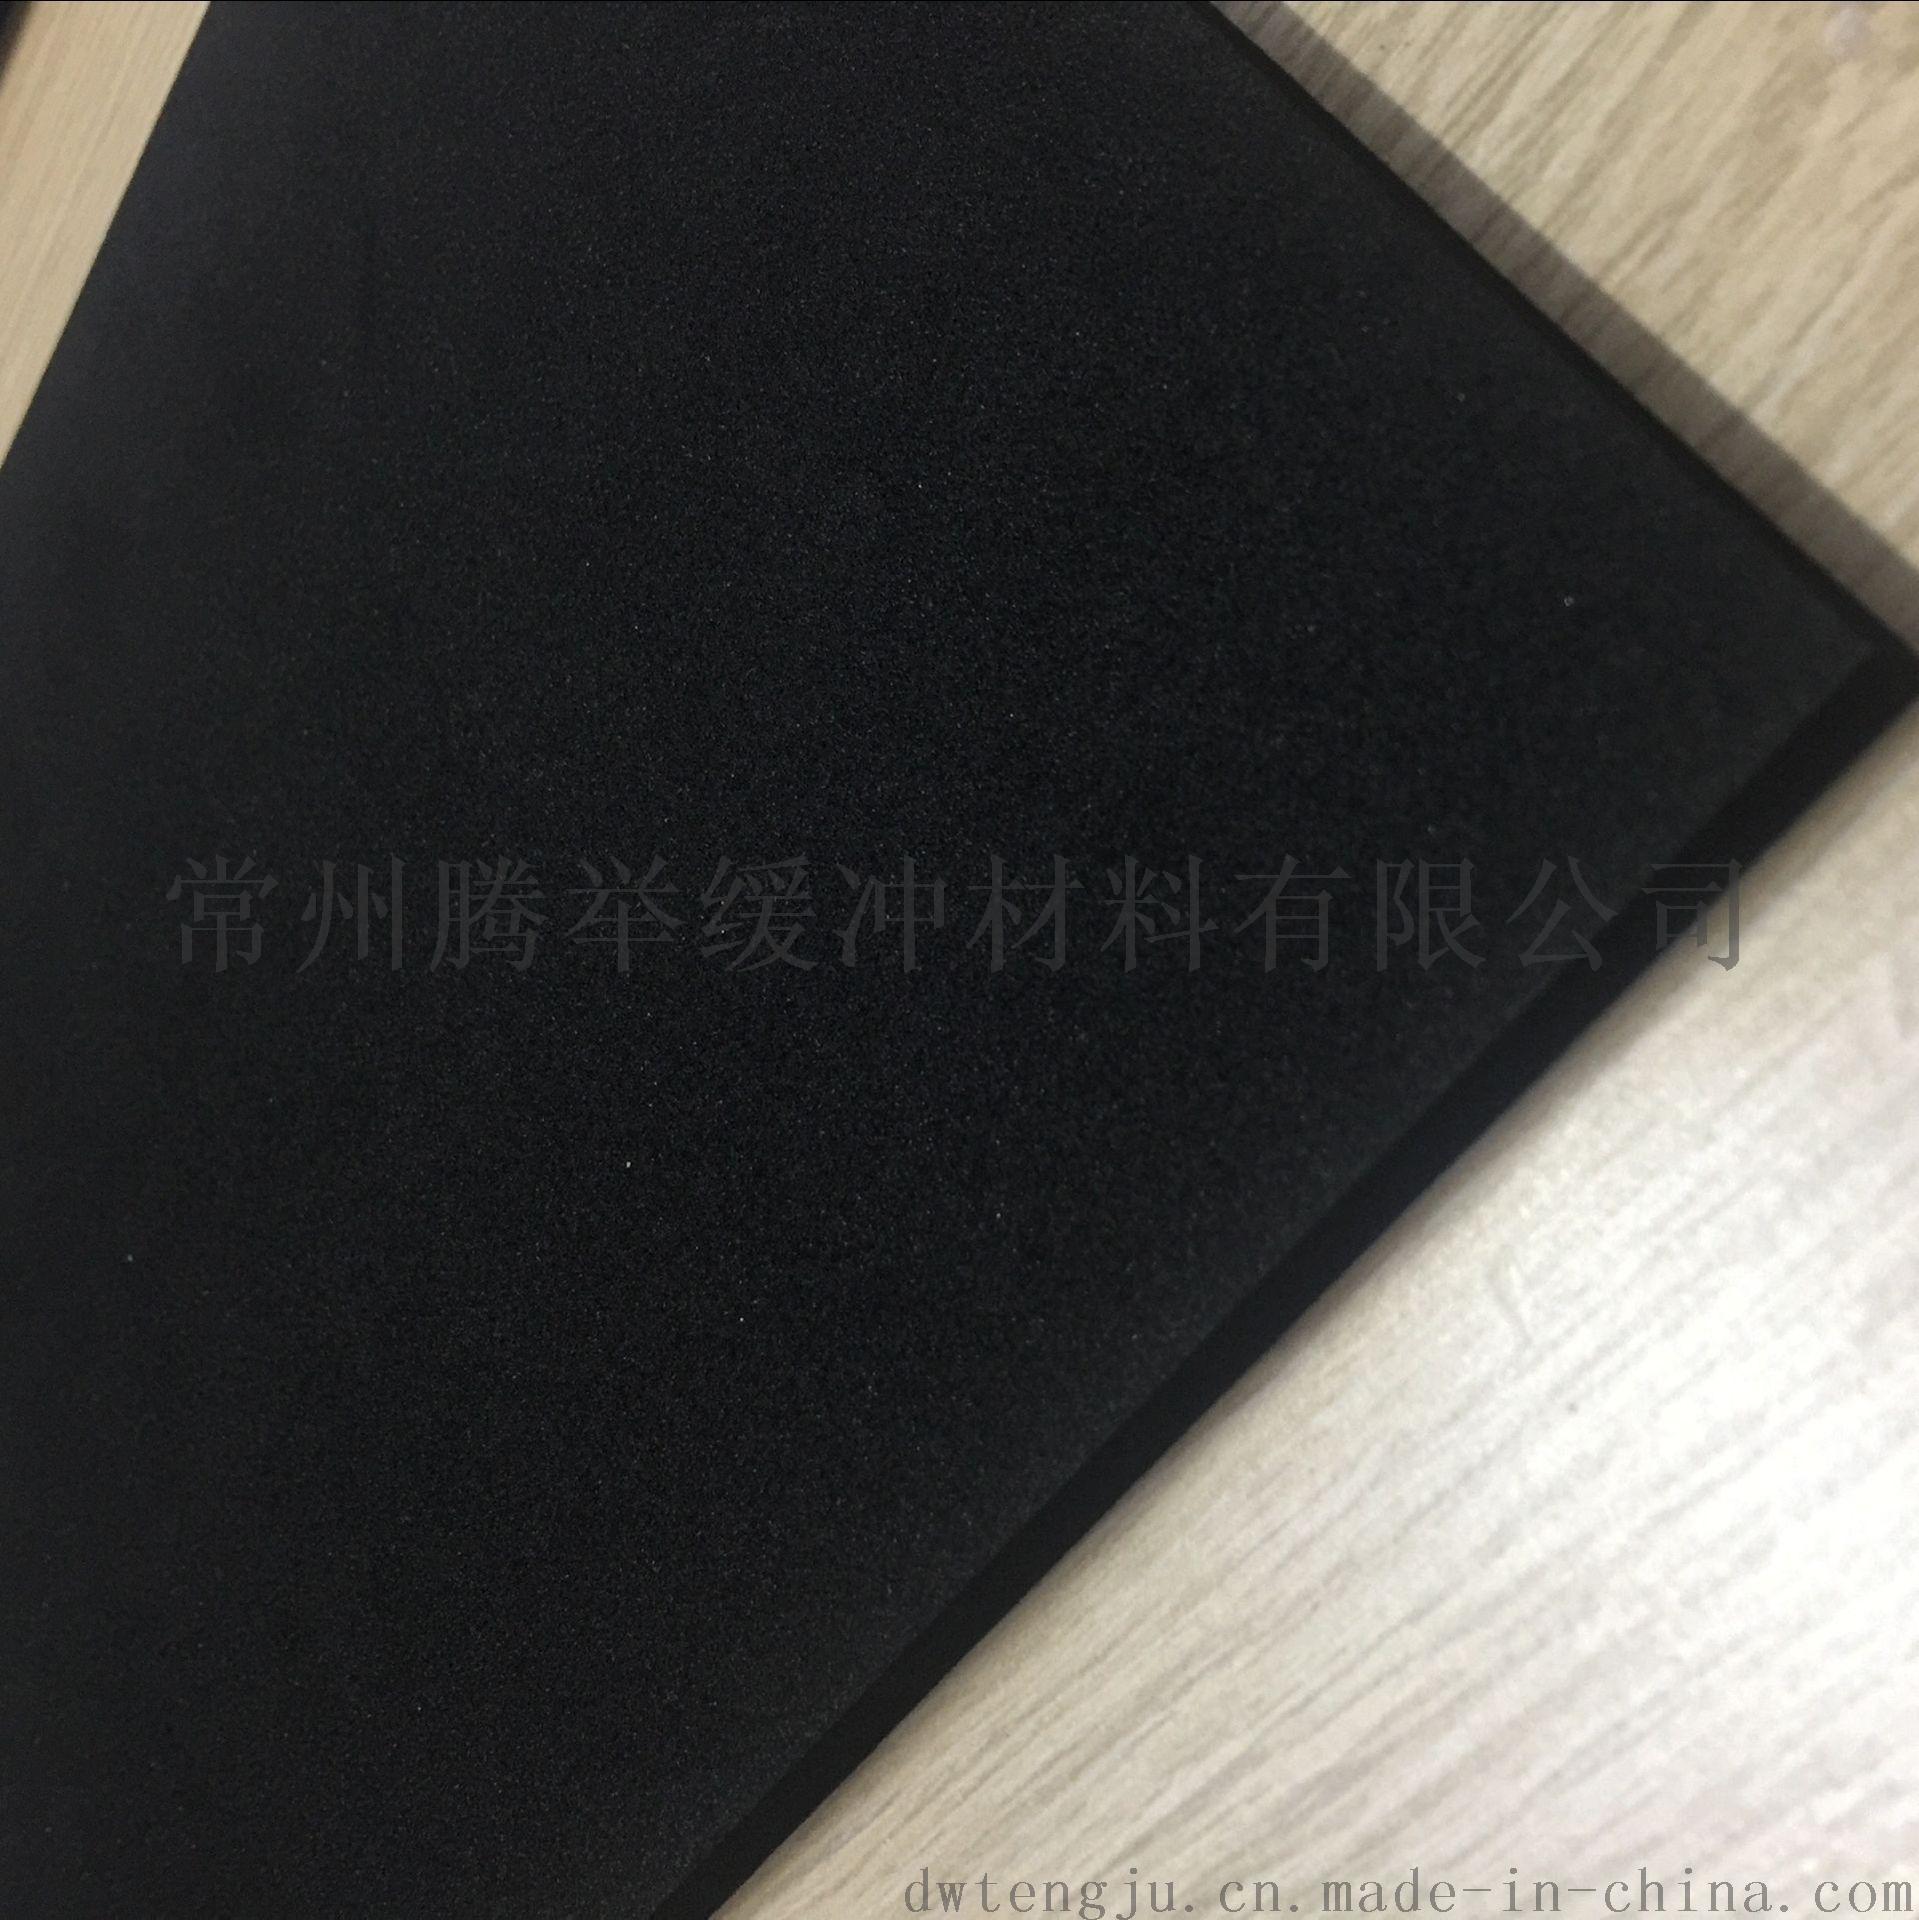 江浙沪厂家直销黑色EVA,高品质环保型EVA材料56792455